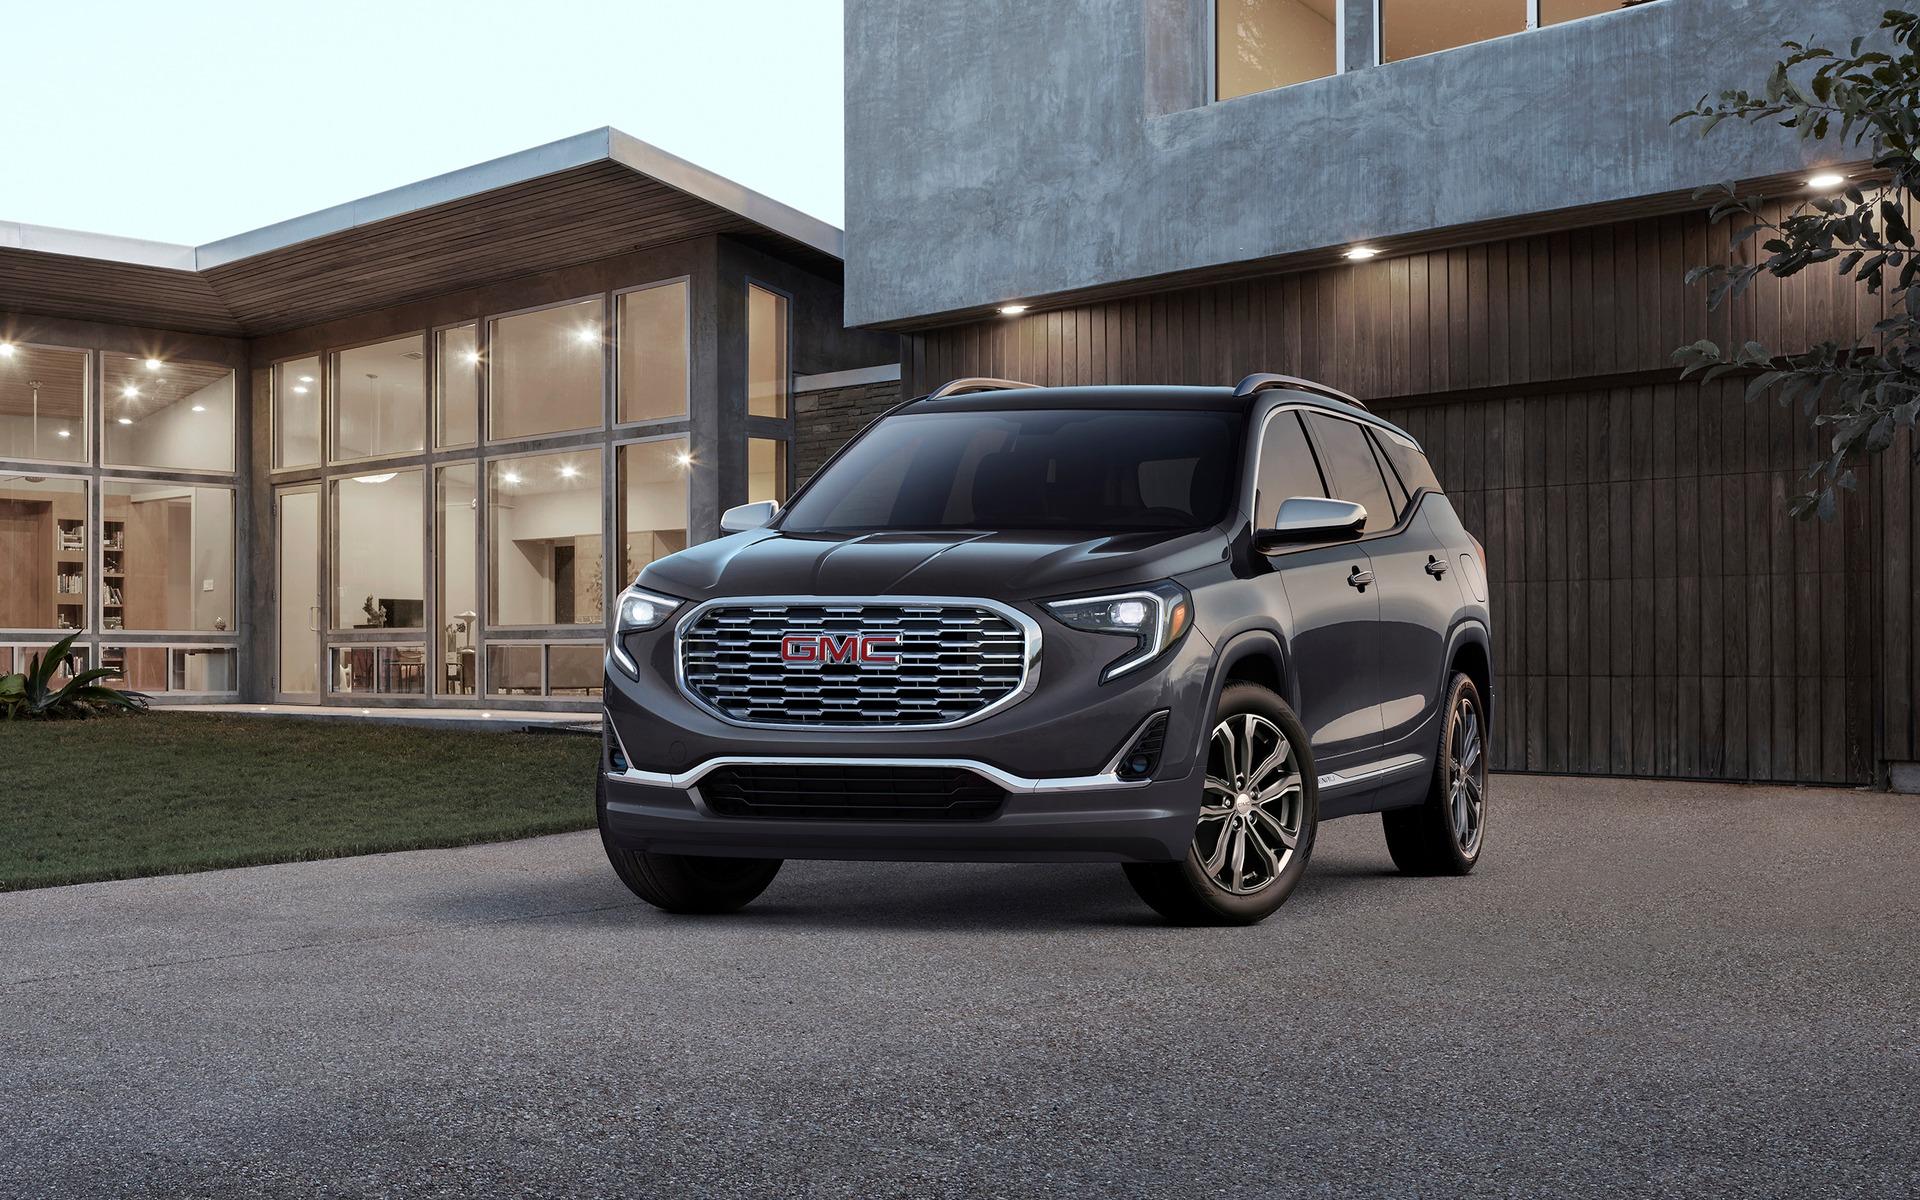 Les prix pour le GMC Terrain 2018 annoncés - Guide Auto